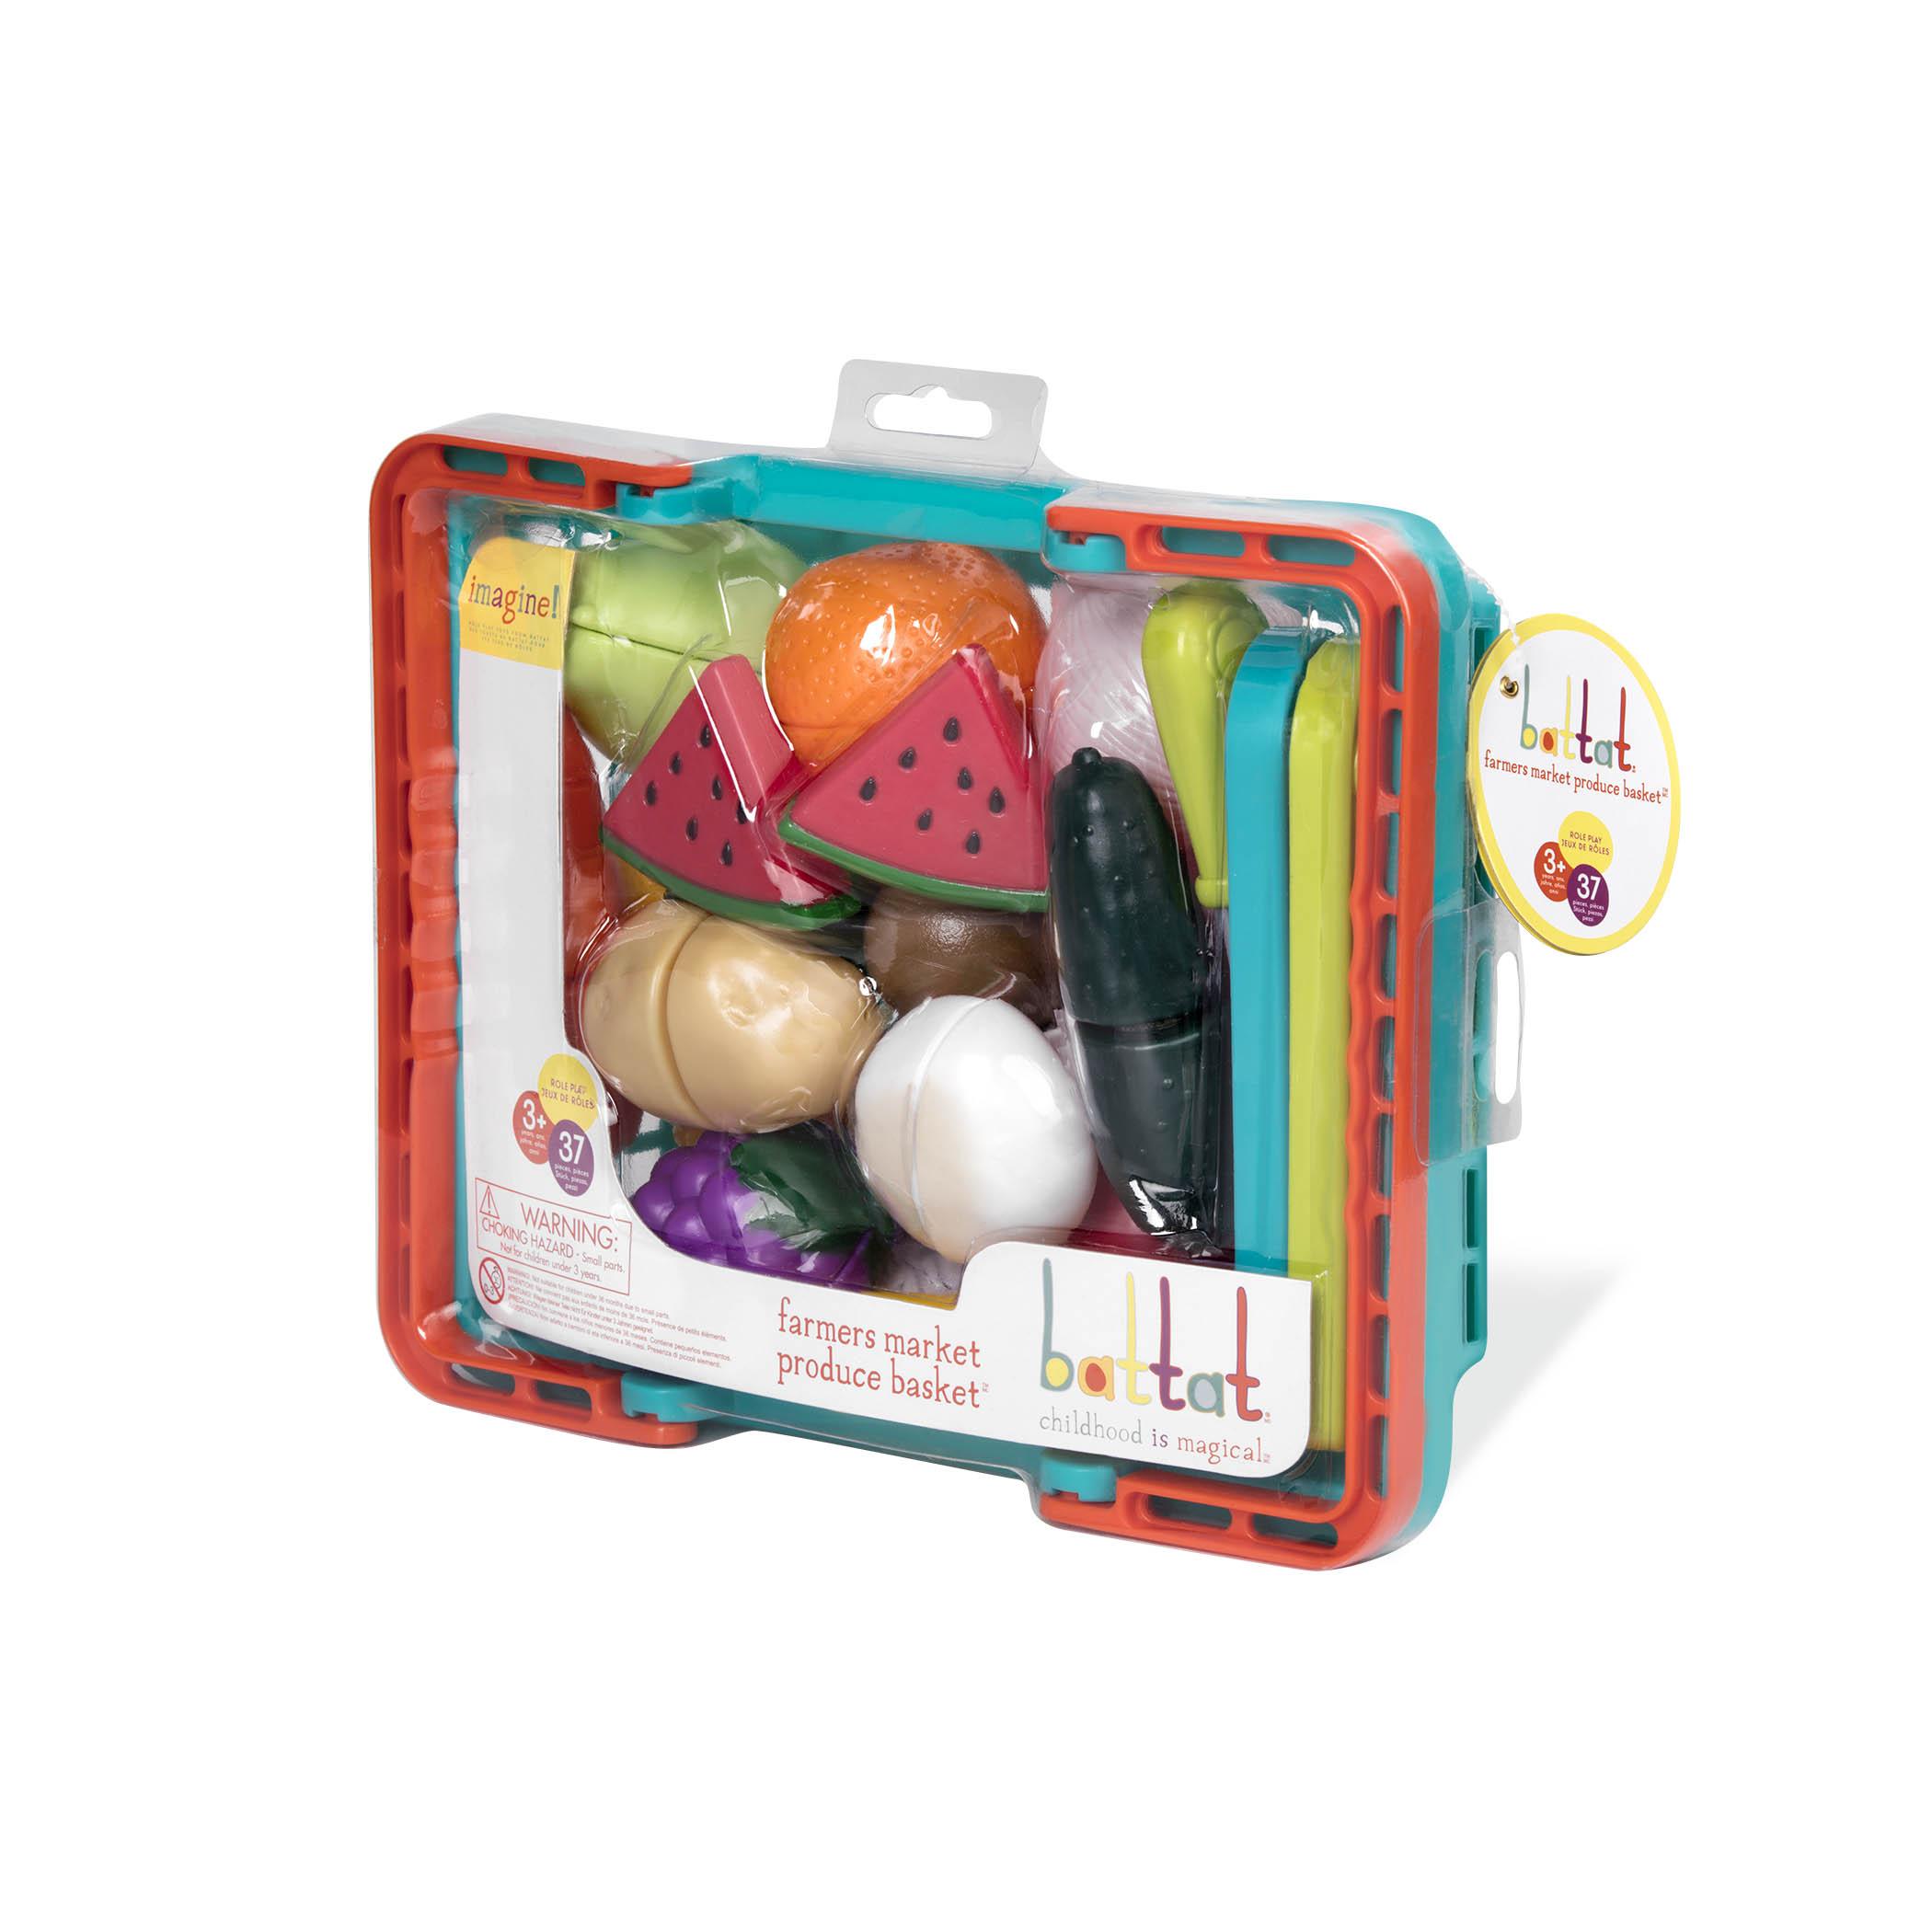 Toy Food Set Velcro Play Food Battat